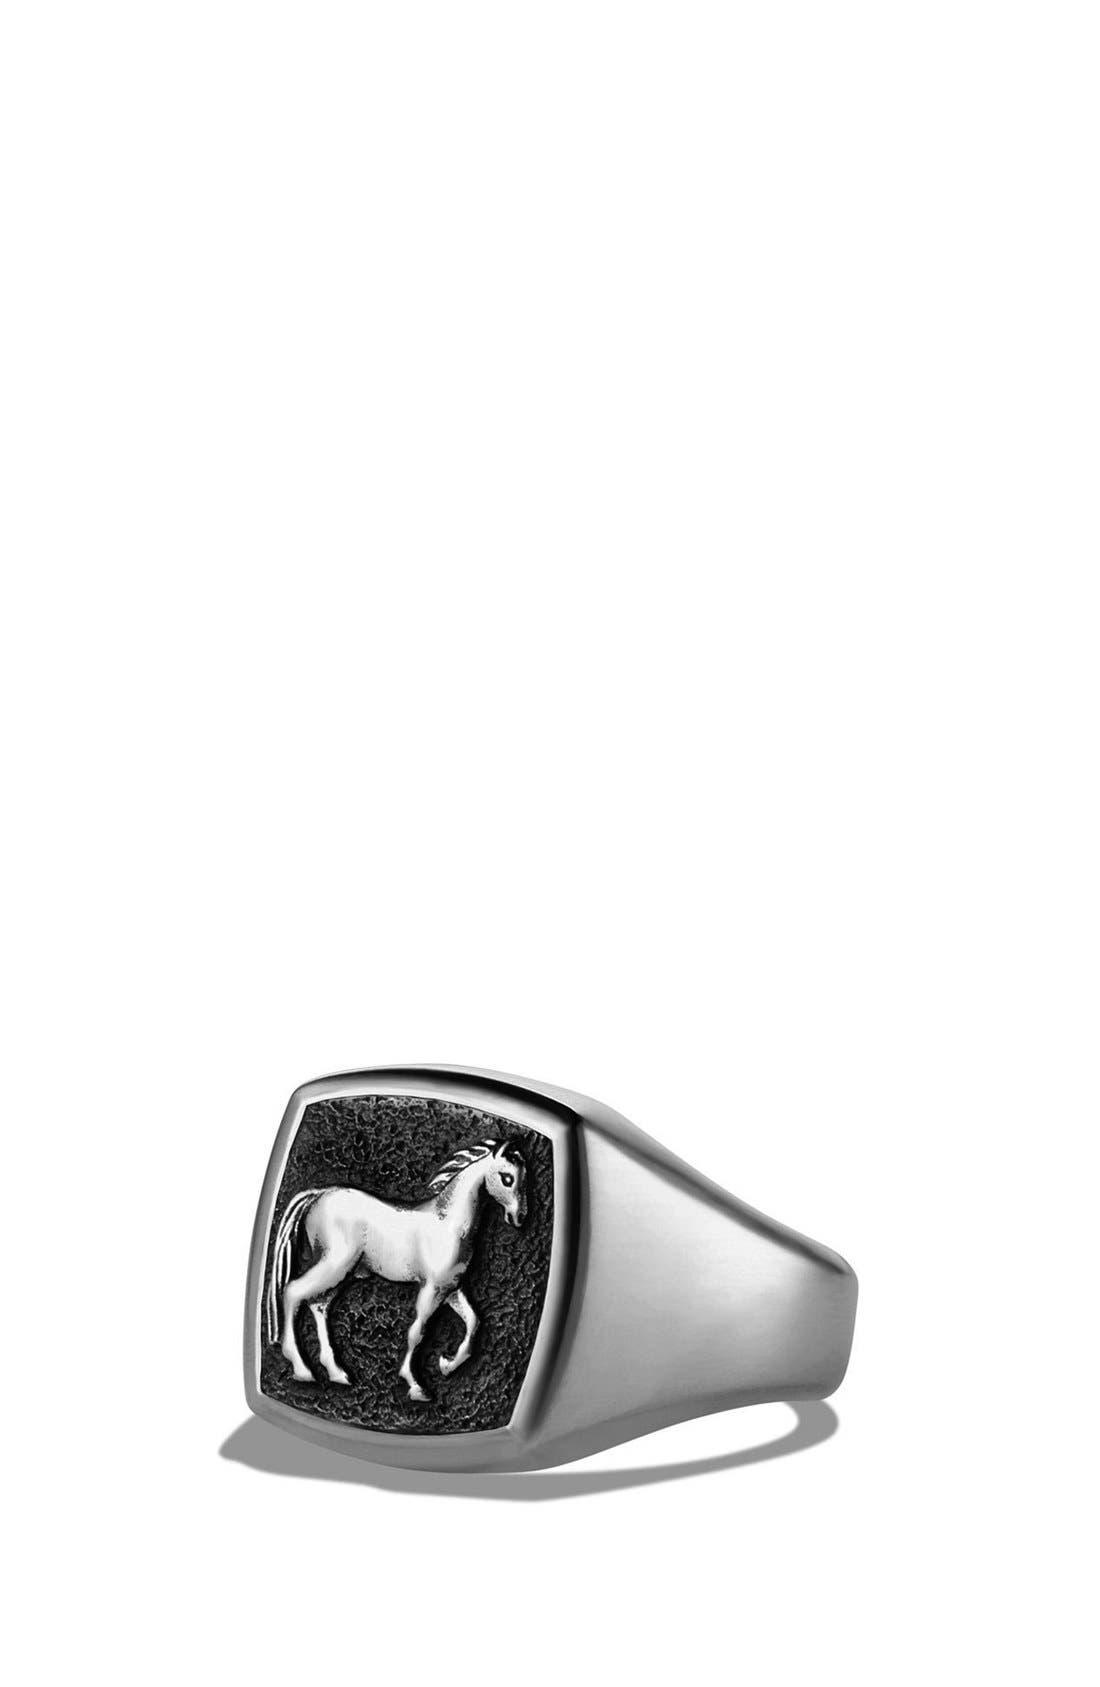 DAVID YURMAN Petrvs Horse Pinky Ring